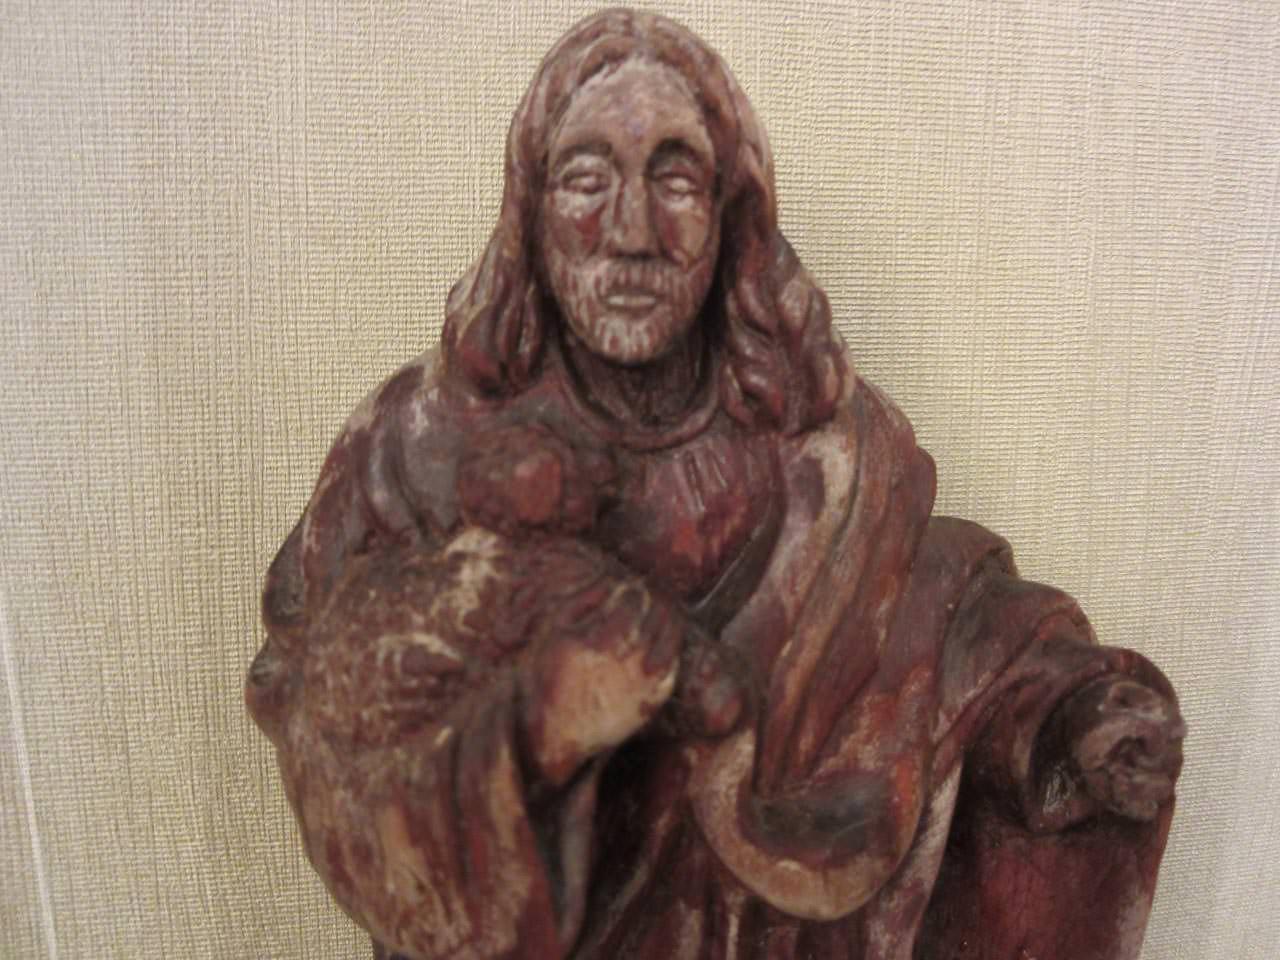 Статуэтка из дерева на мраморной подставке, крупным планом